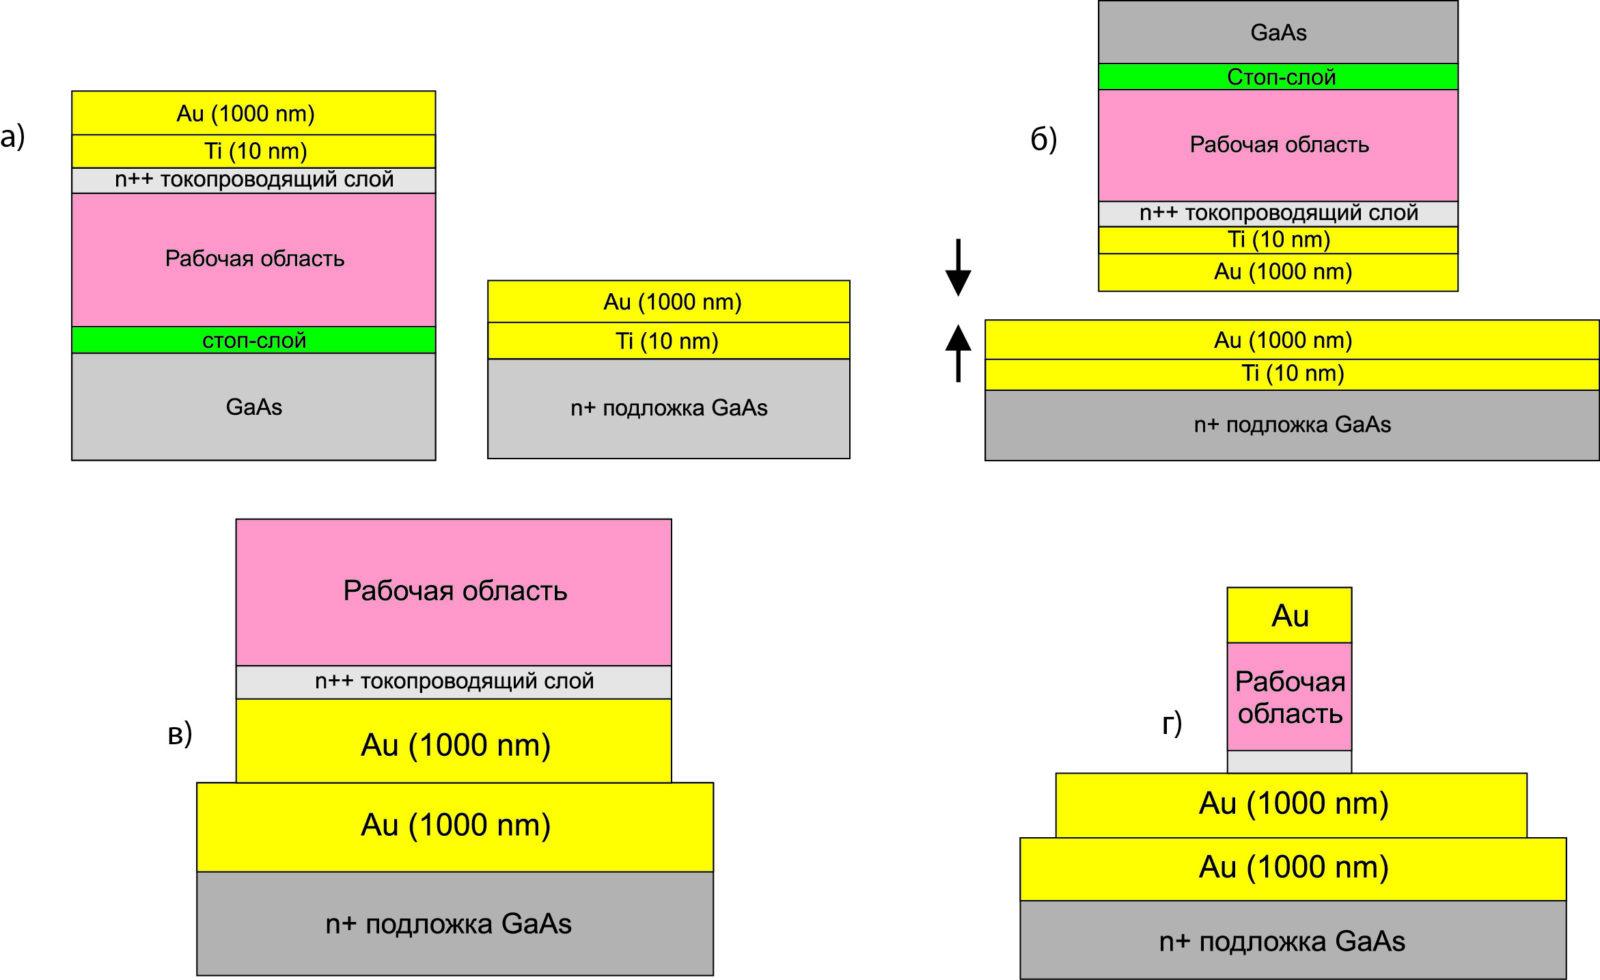 Основные этапы изготовления ККЛ с ДМВ